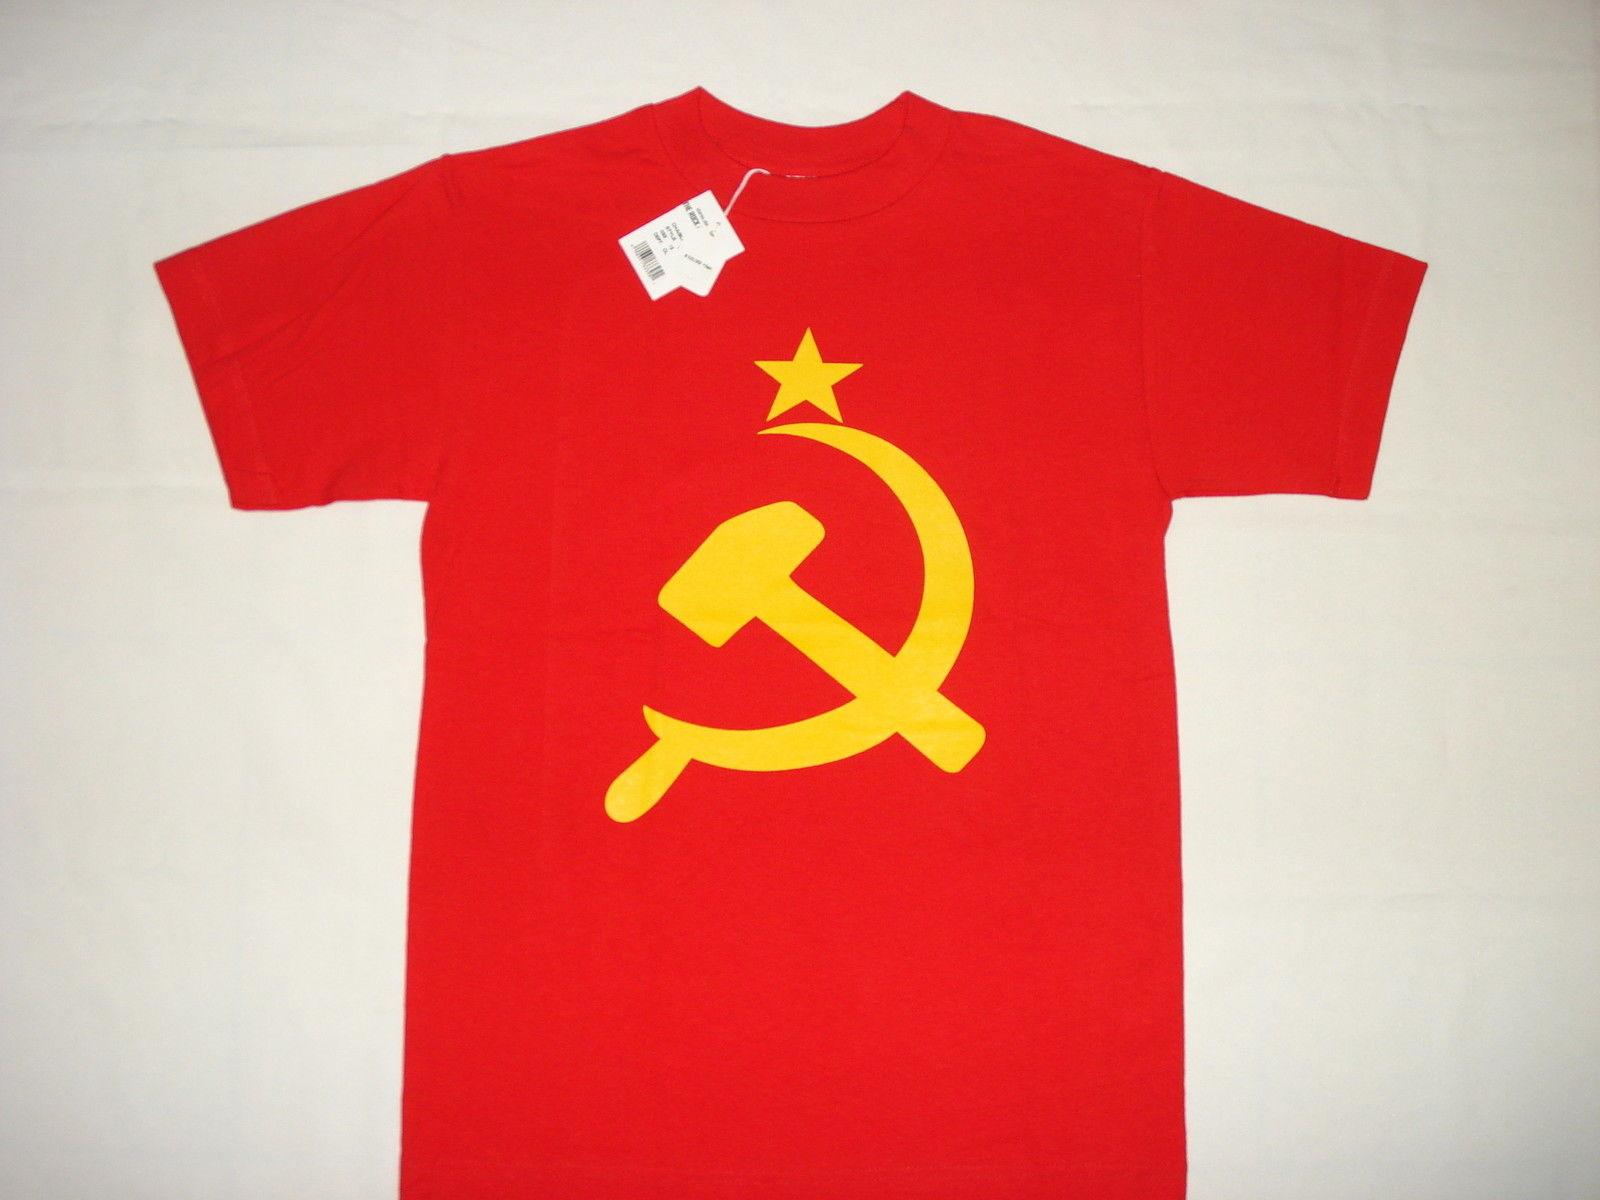 ԽՍՀՄ ՍՈՎԻԵՏ ՄԻՈՒԹՅՈՒՆ ՌՈՒՍԱՍՏԱՆԻ ՆՈՐ - Տղամարդկանց հագուստ